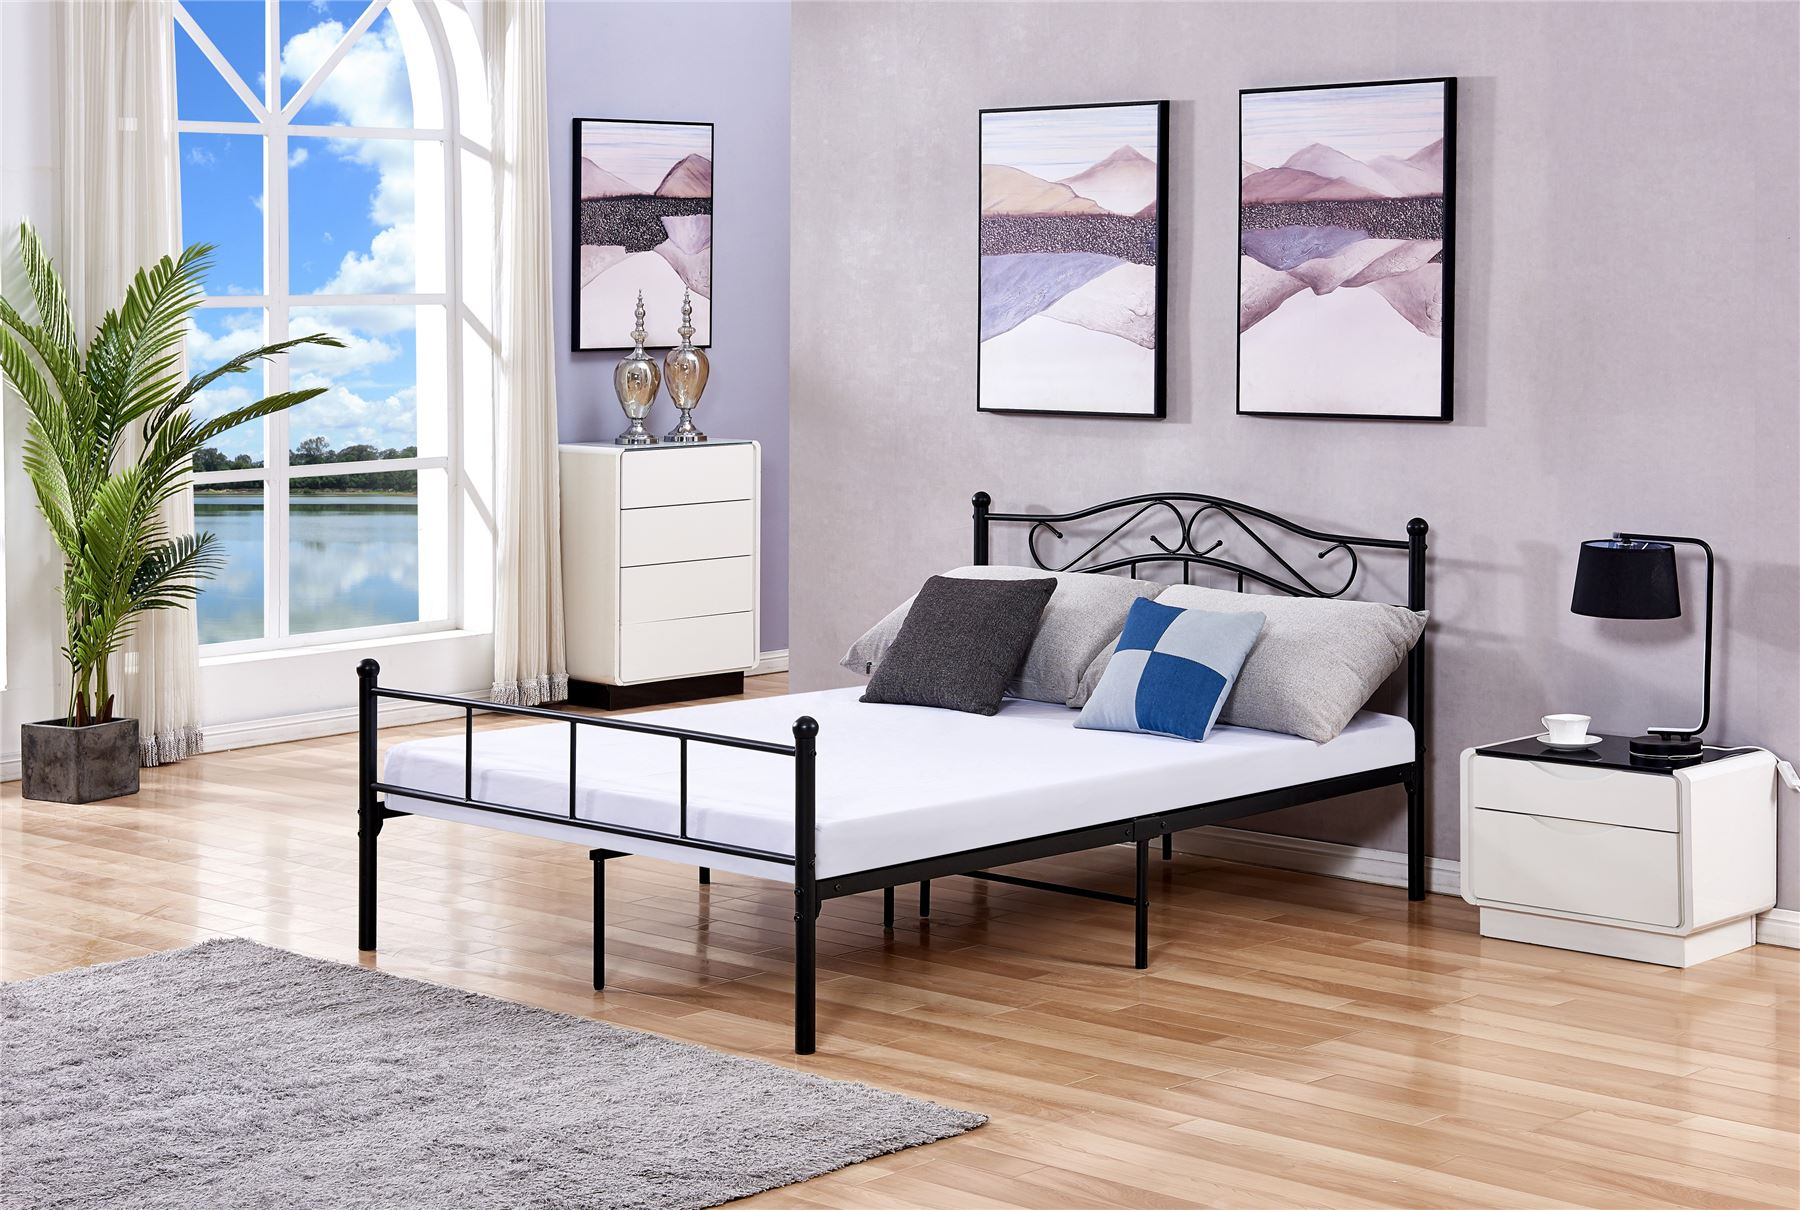 Luxury Metal Bed 2019 Designs Single Double King Metal Bed ...